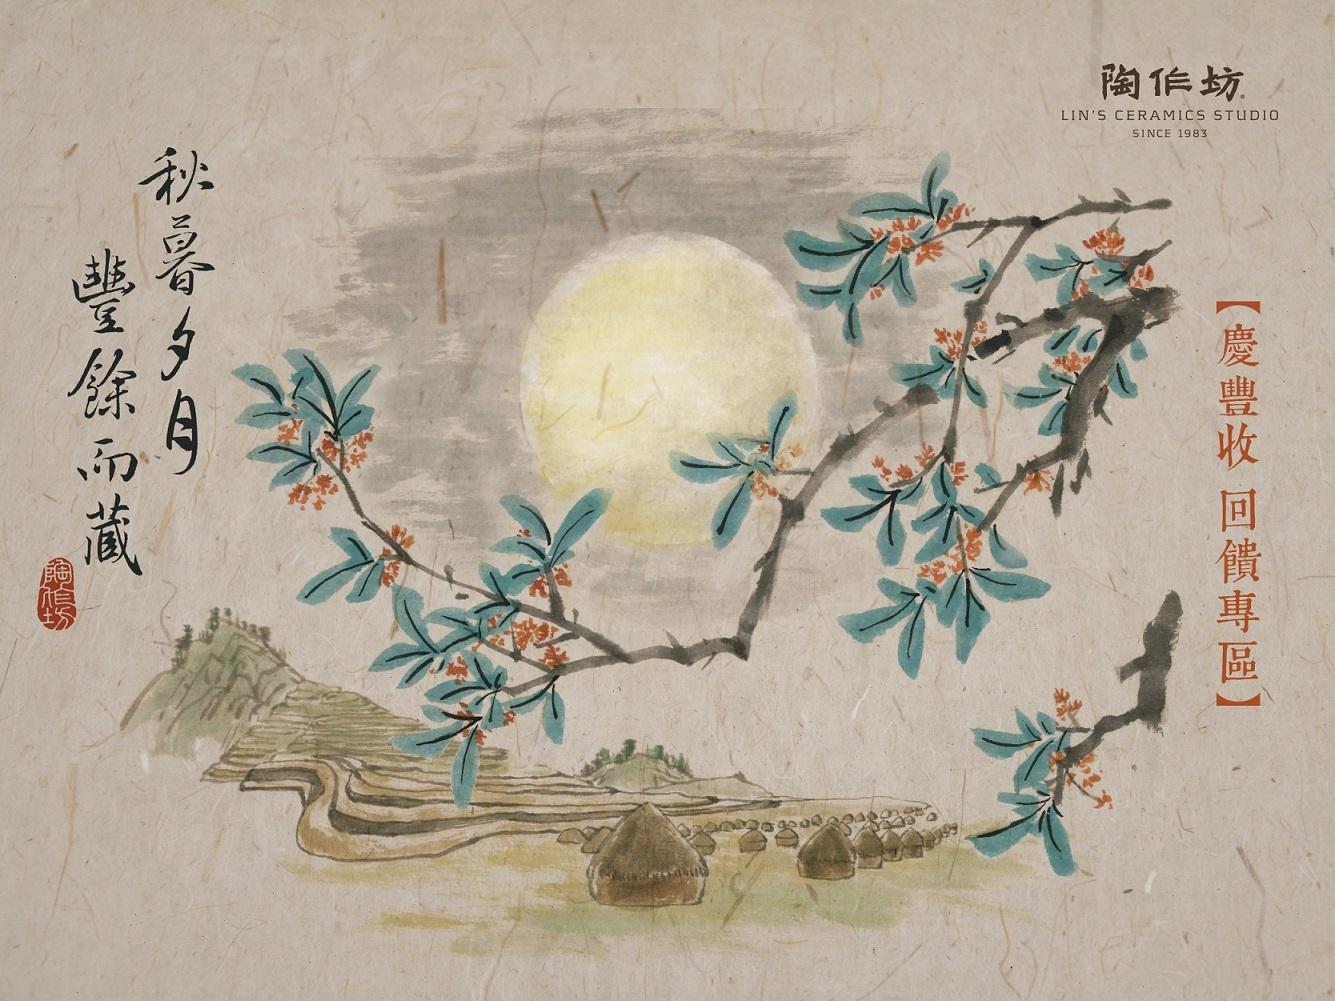 豐收/回饋/月亮/中秋/收成/大地/團圓/相聚/送禮